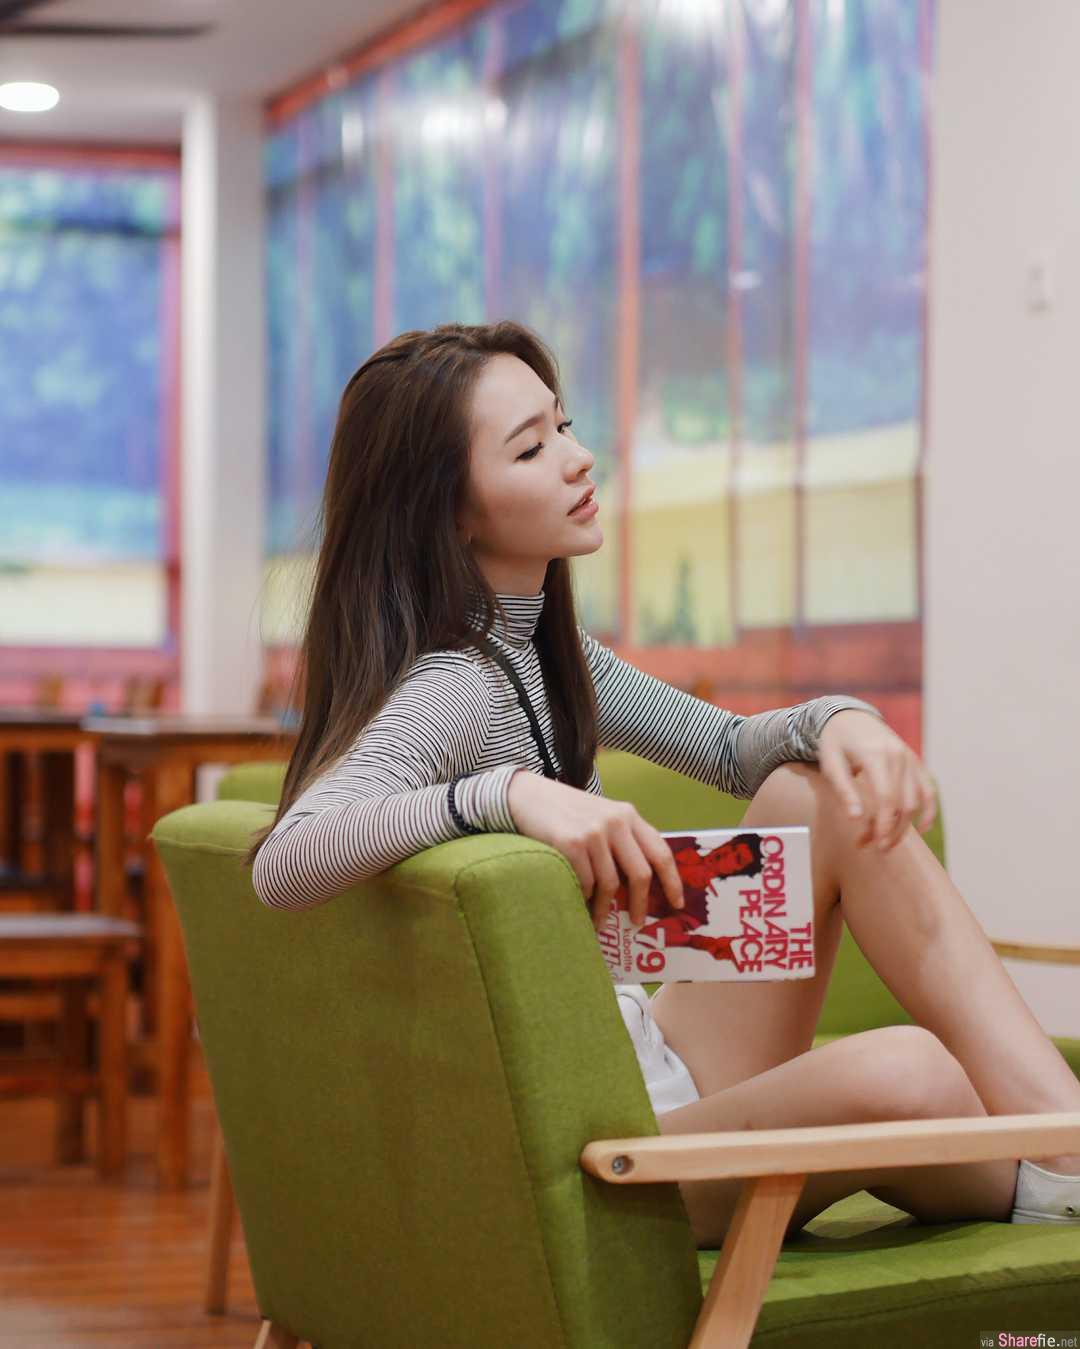 大马超正人妻Windy Chang,产后身材是「瘦到」全天下妈妈都羡慕她